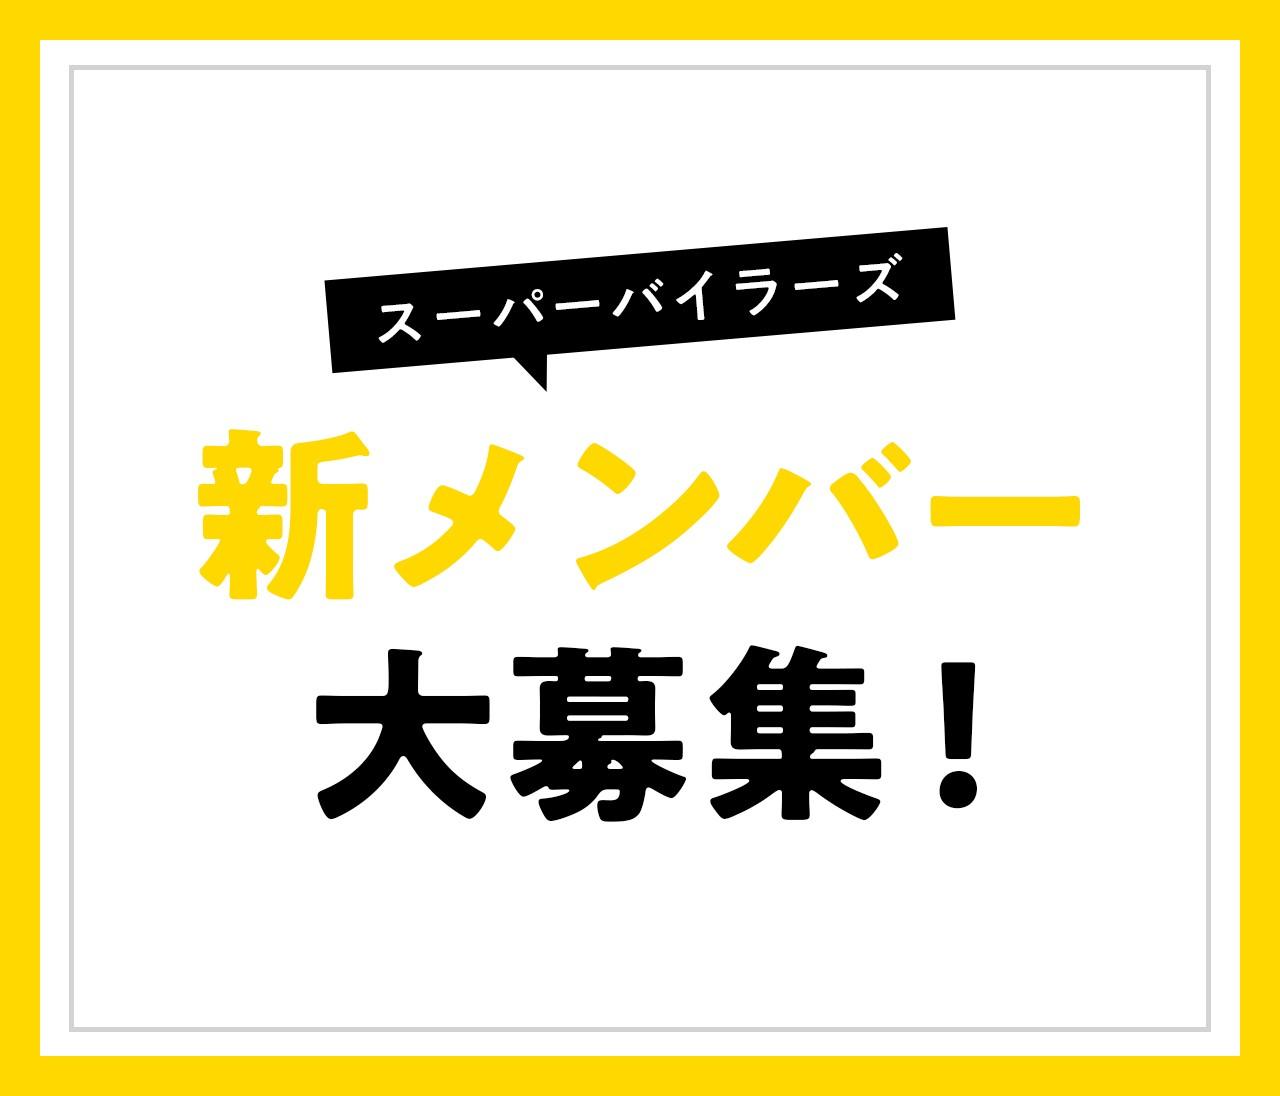 【7/9締め切り】新スーパーバイラーズ募集!